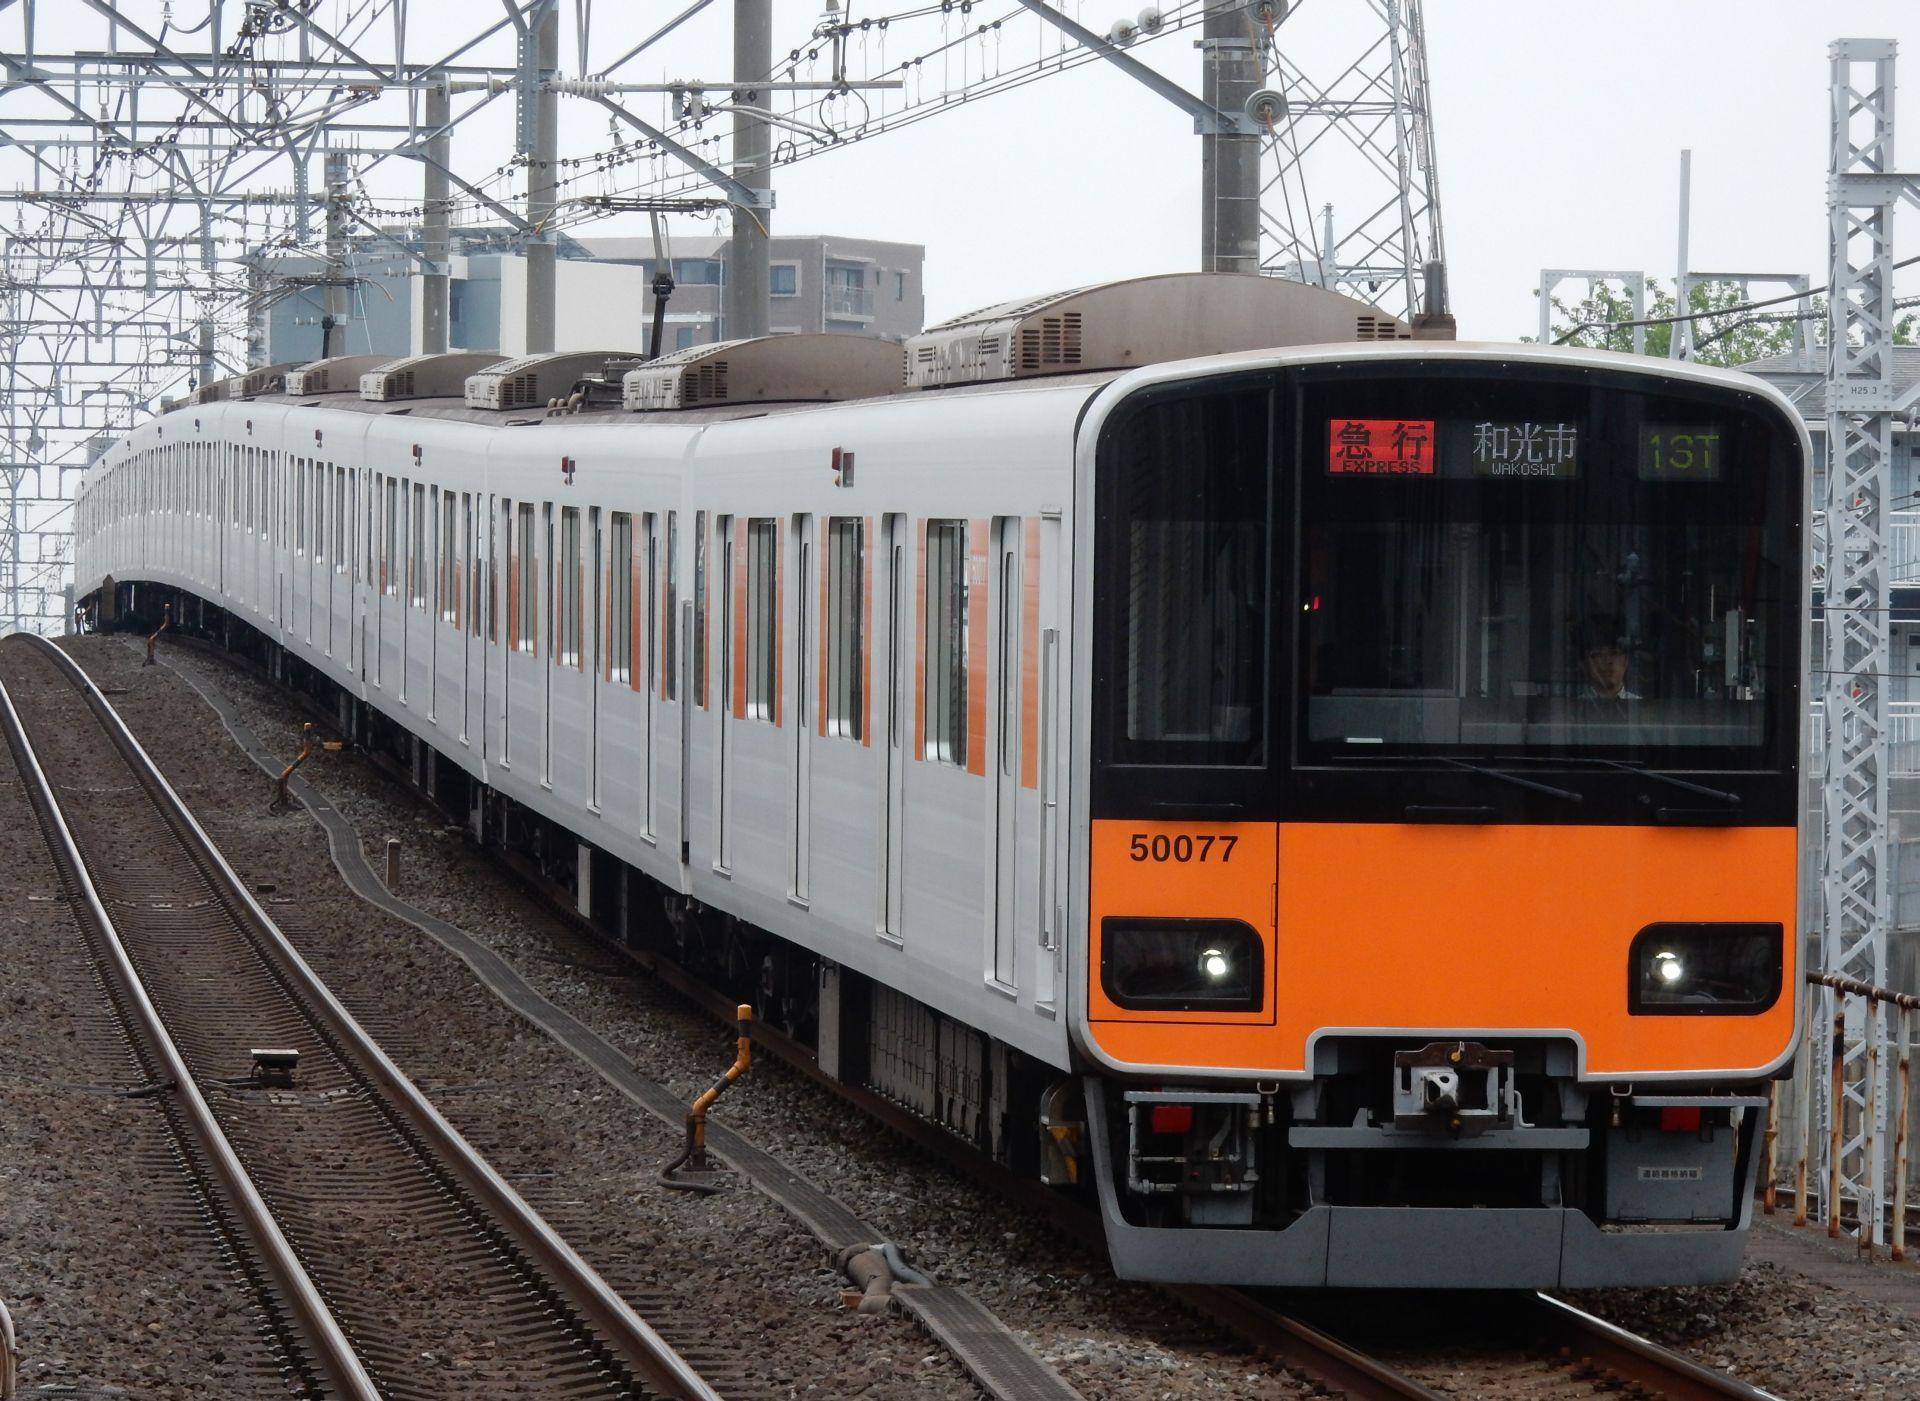 DSCN8766 - コピー